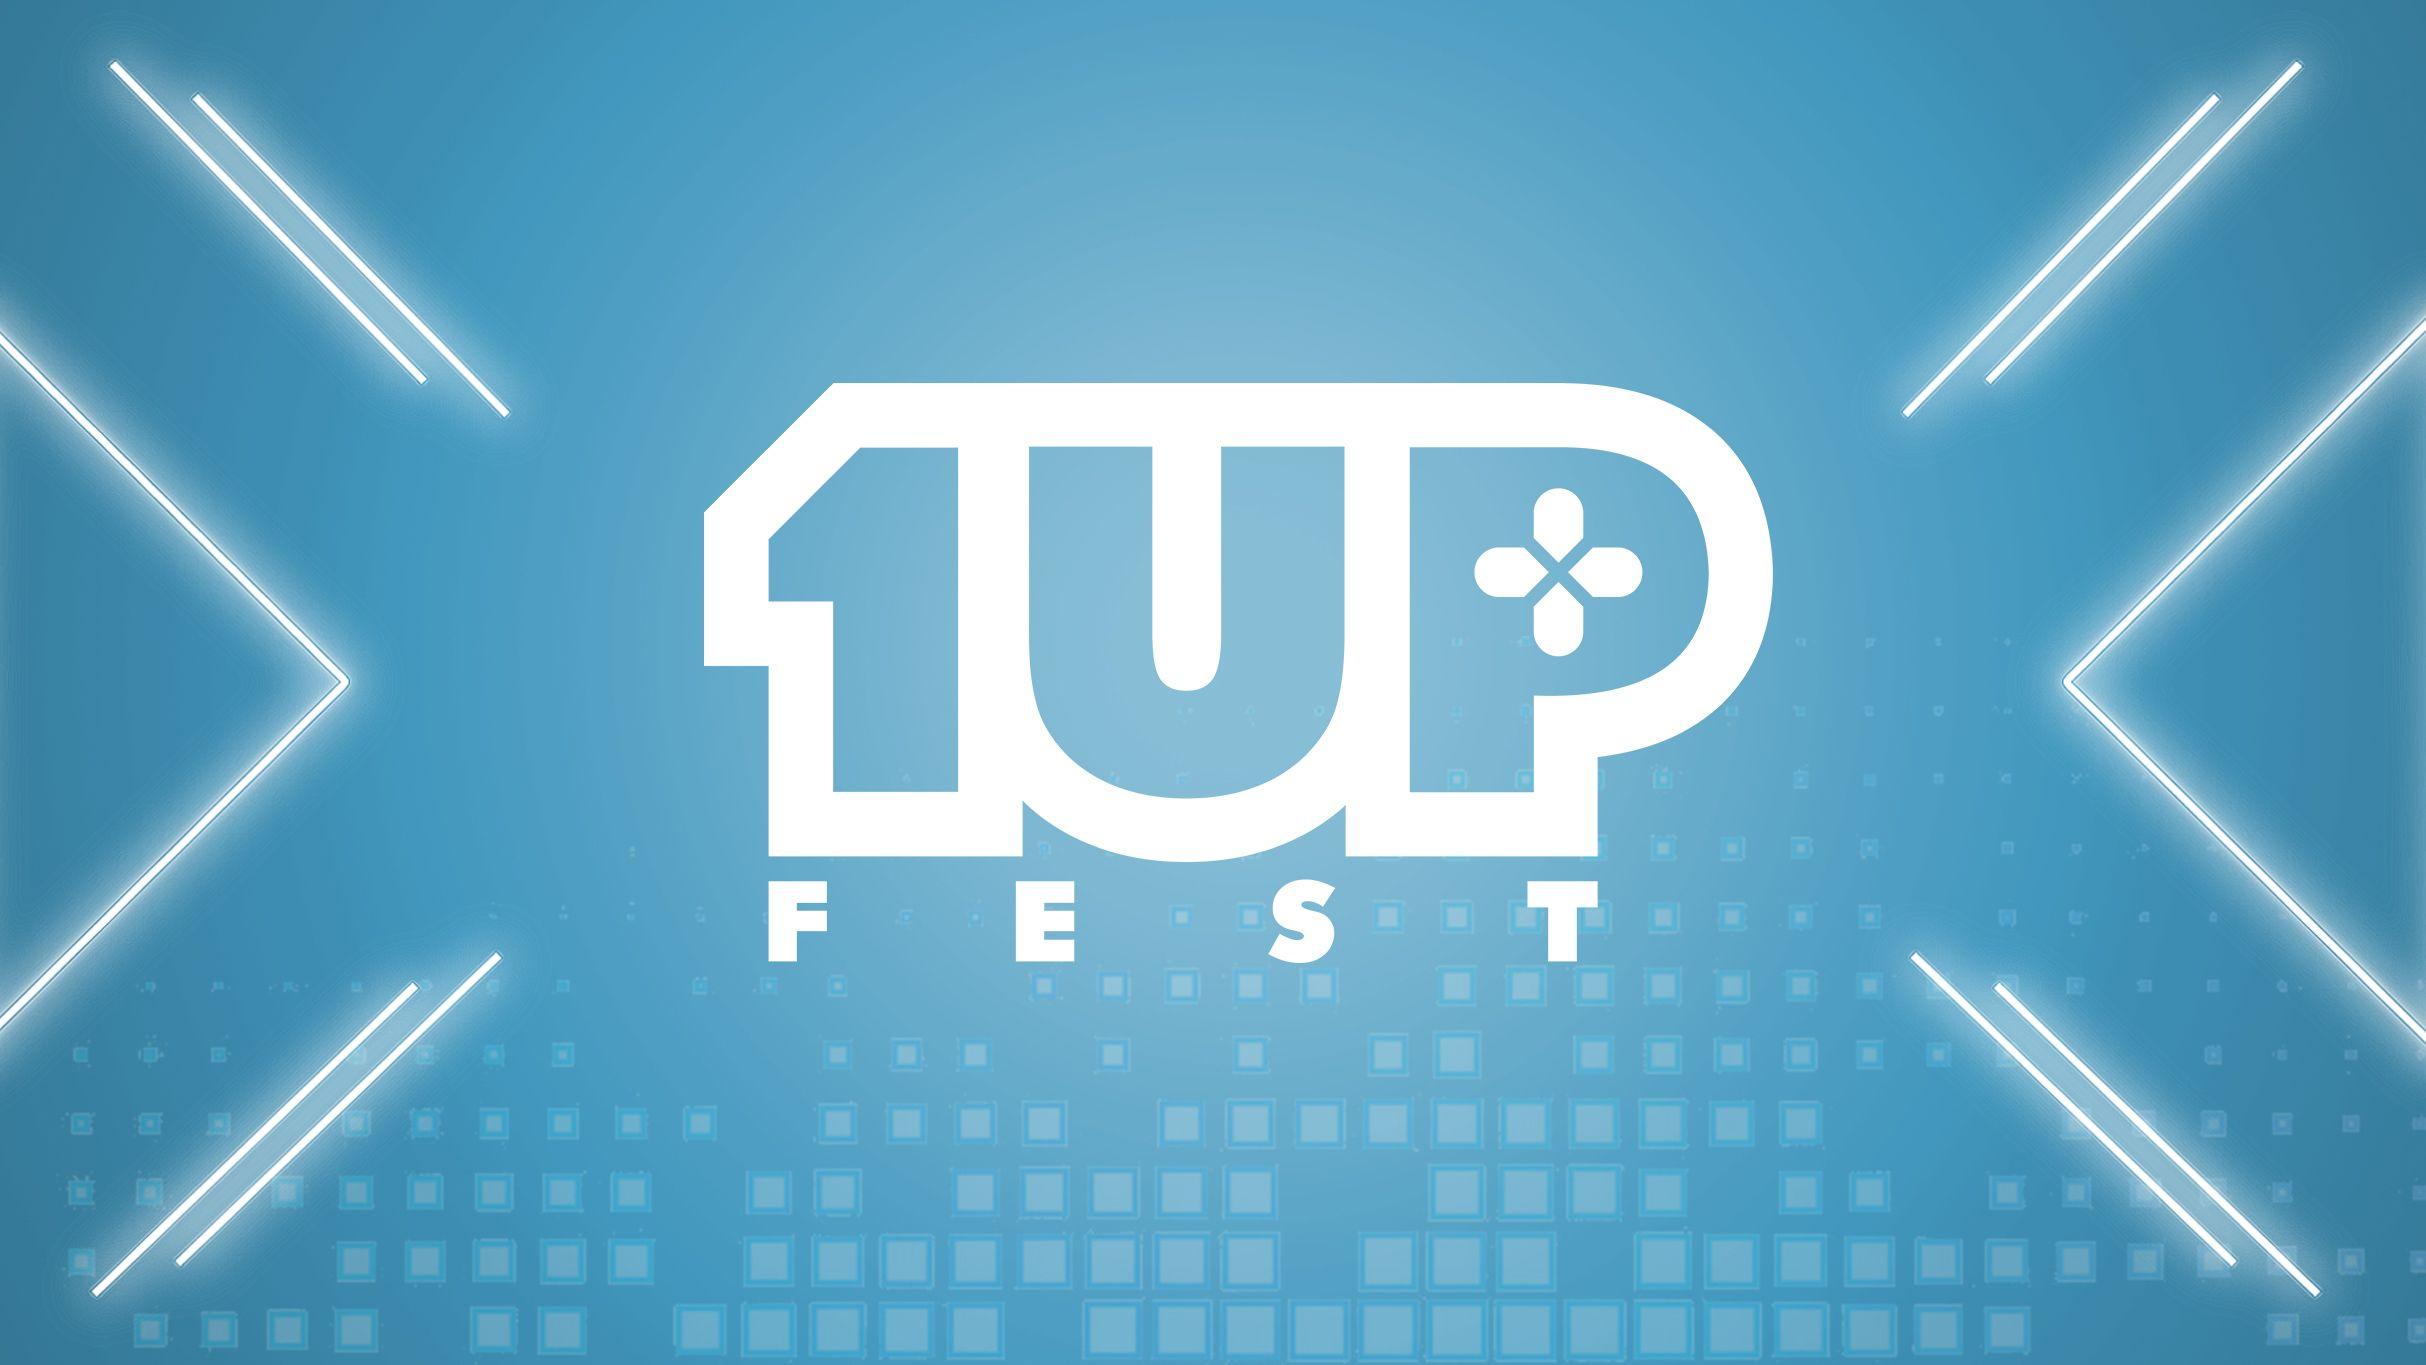 1UP Fest nace para convertirse en el primer tour de eventos de eSports y videojuegos en España